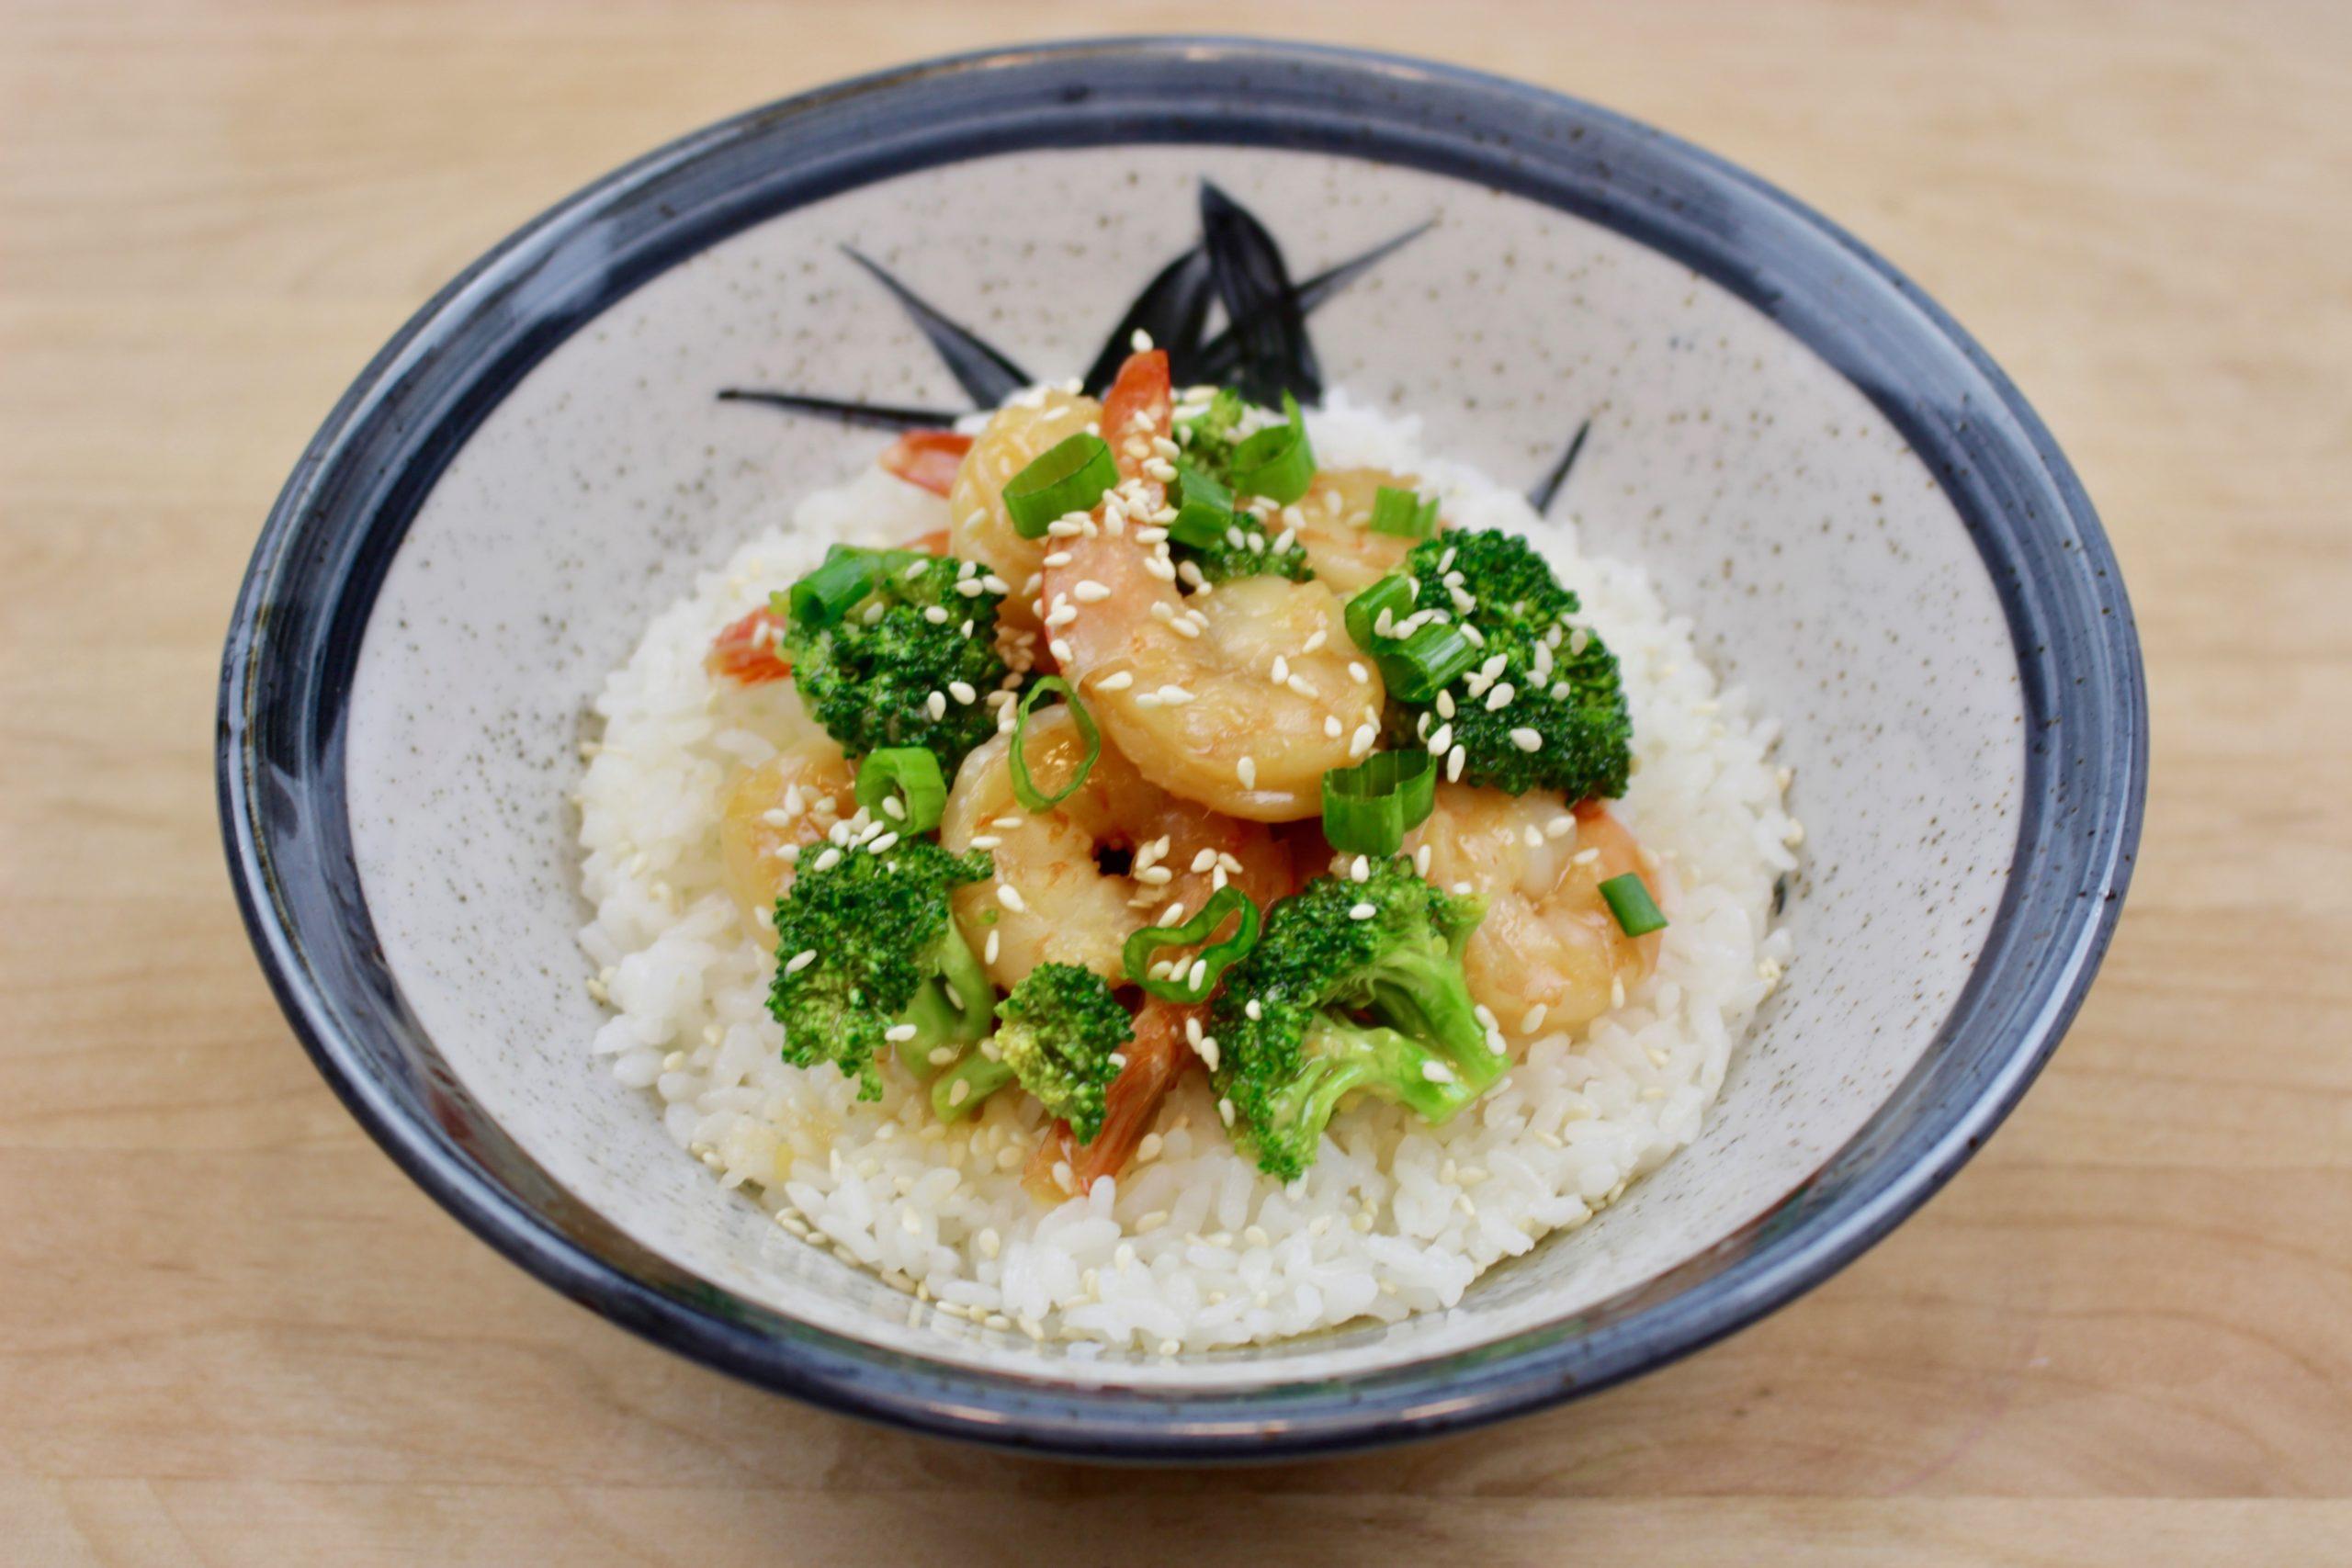 Marukan Instant Pot Shrimp and Broccoli